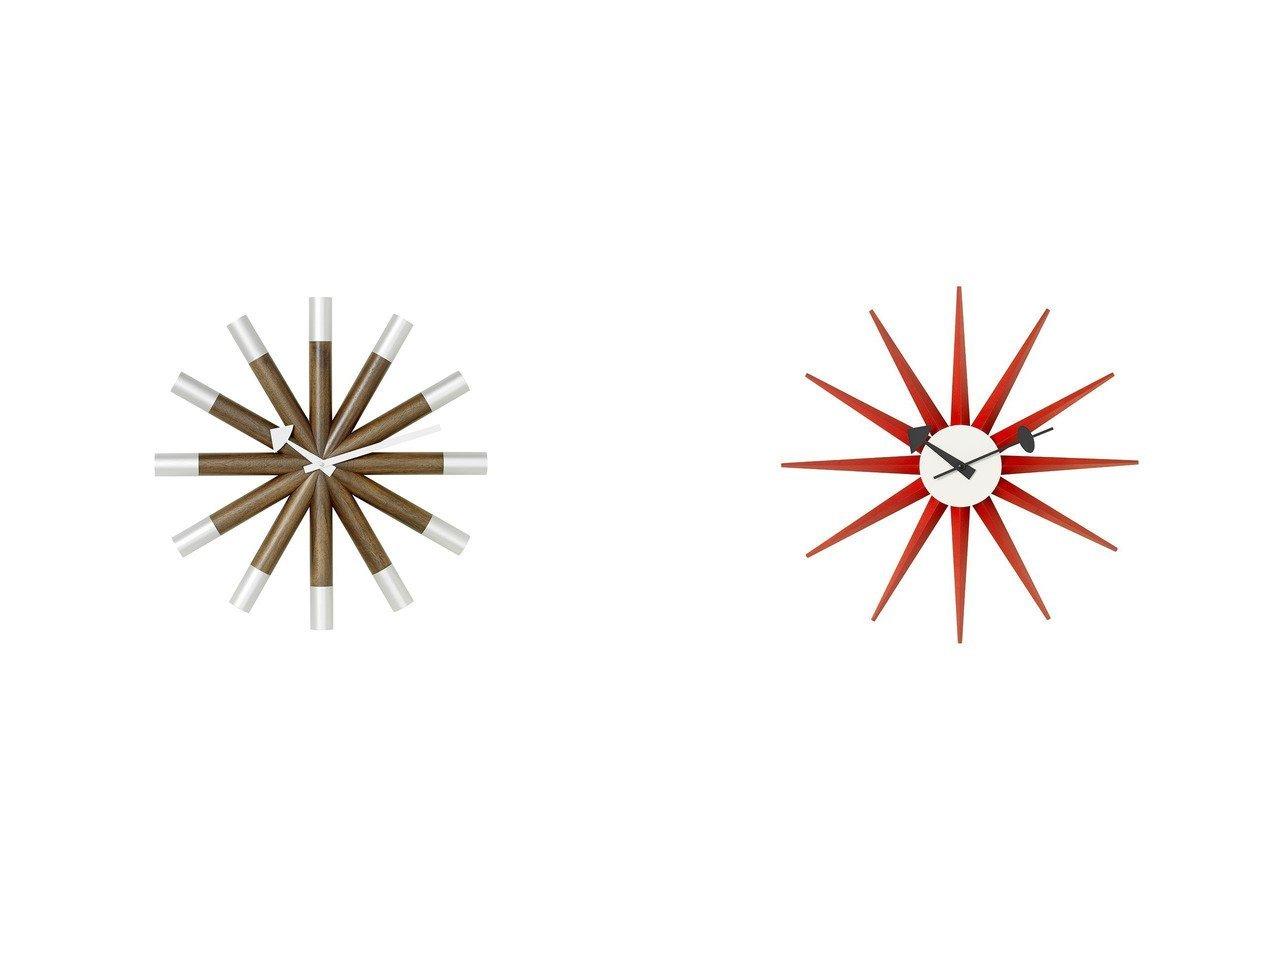 【Vitra/ヴィトラ】のウォール クロック サンバースト クロック&ウォール クロック ウィール クロック 【FURNITURE】おすすめ!人気、インテリア・家具の通販 おすすめで人気の流行・トレンド、ファッションの通販商品 メンズファッション・キッズファッション・インテリア・家具・レディースファッション・服の通販 founy(ファニー) https://founy.com/ 腕時計 コレクション 時計 送料無料 Free Shipping  ID:crp329100000037990